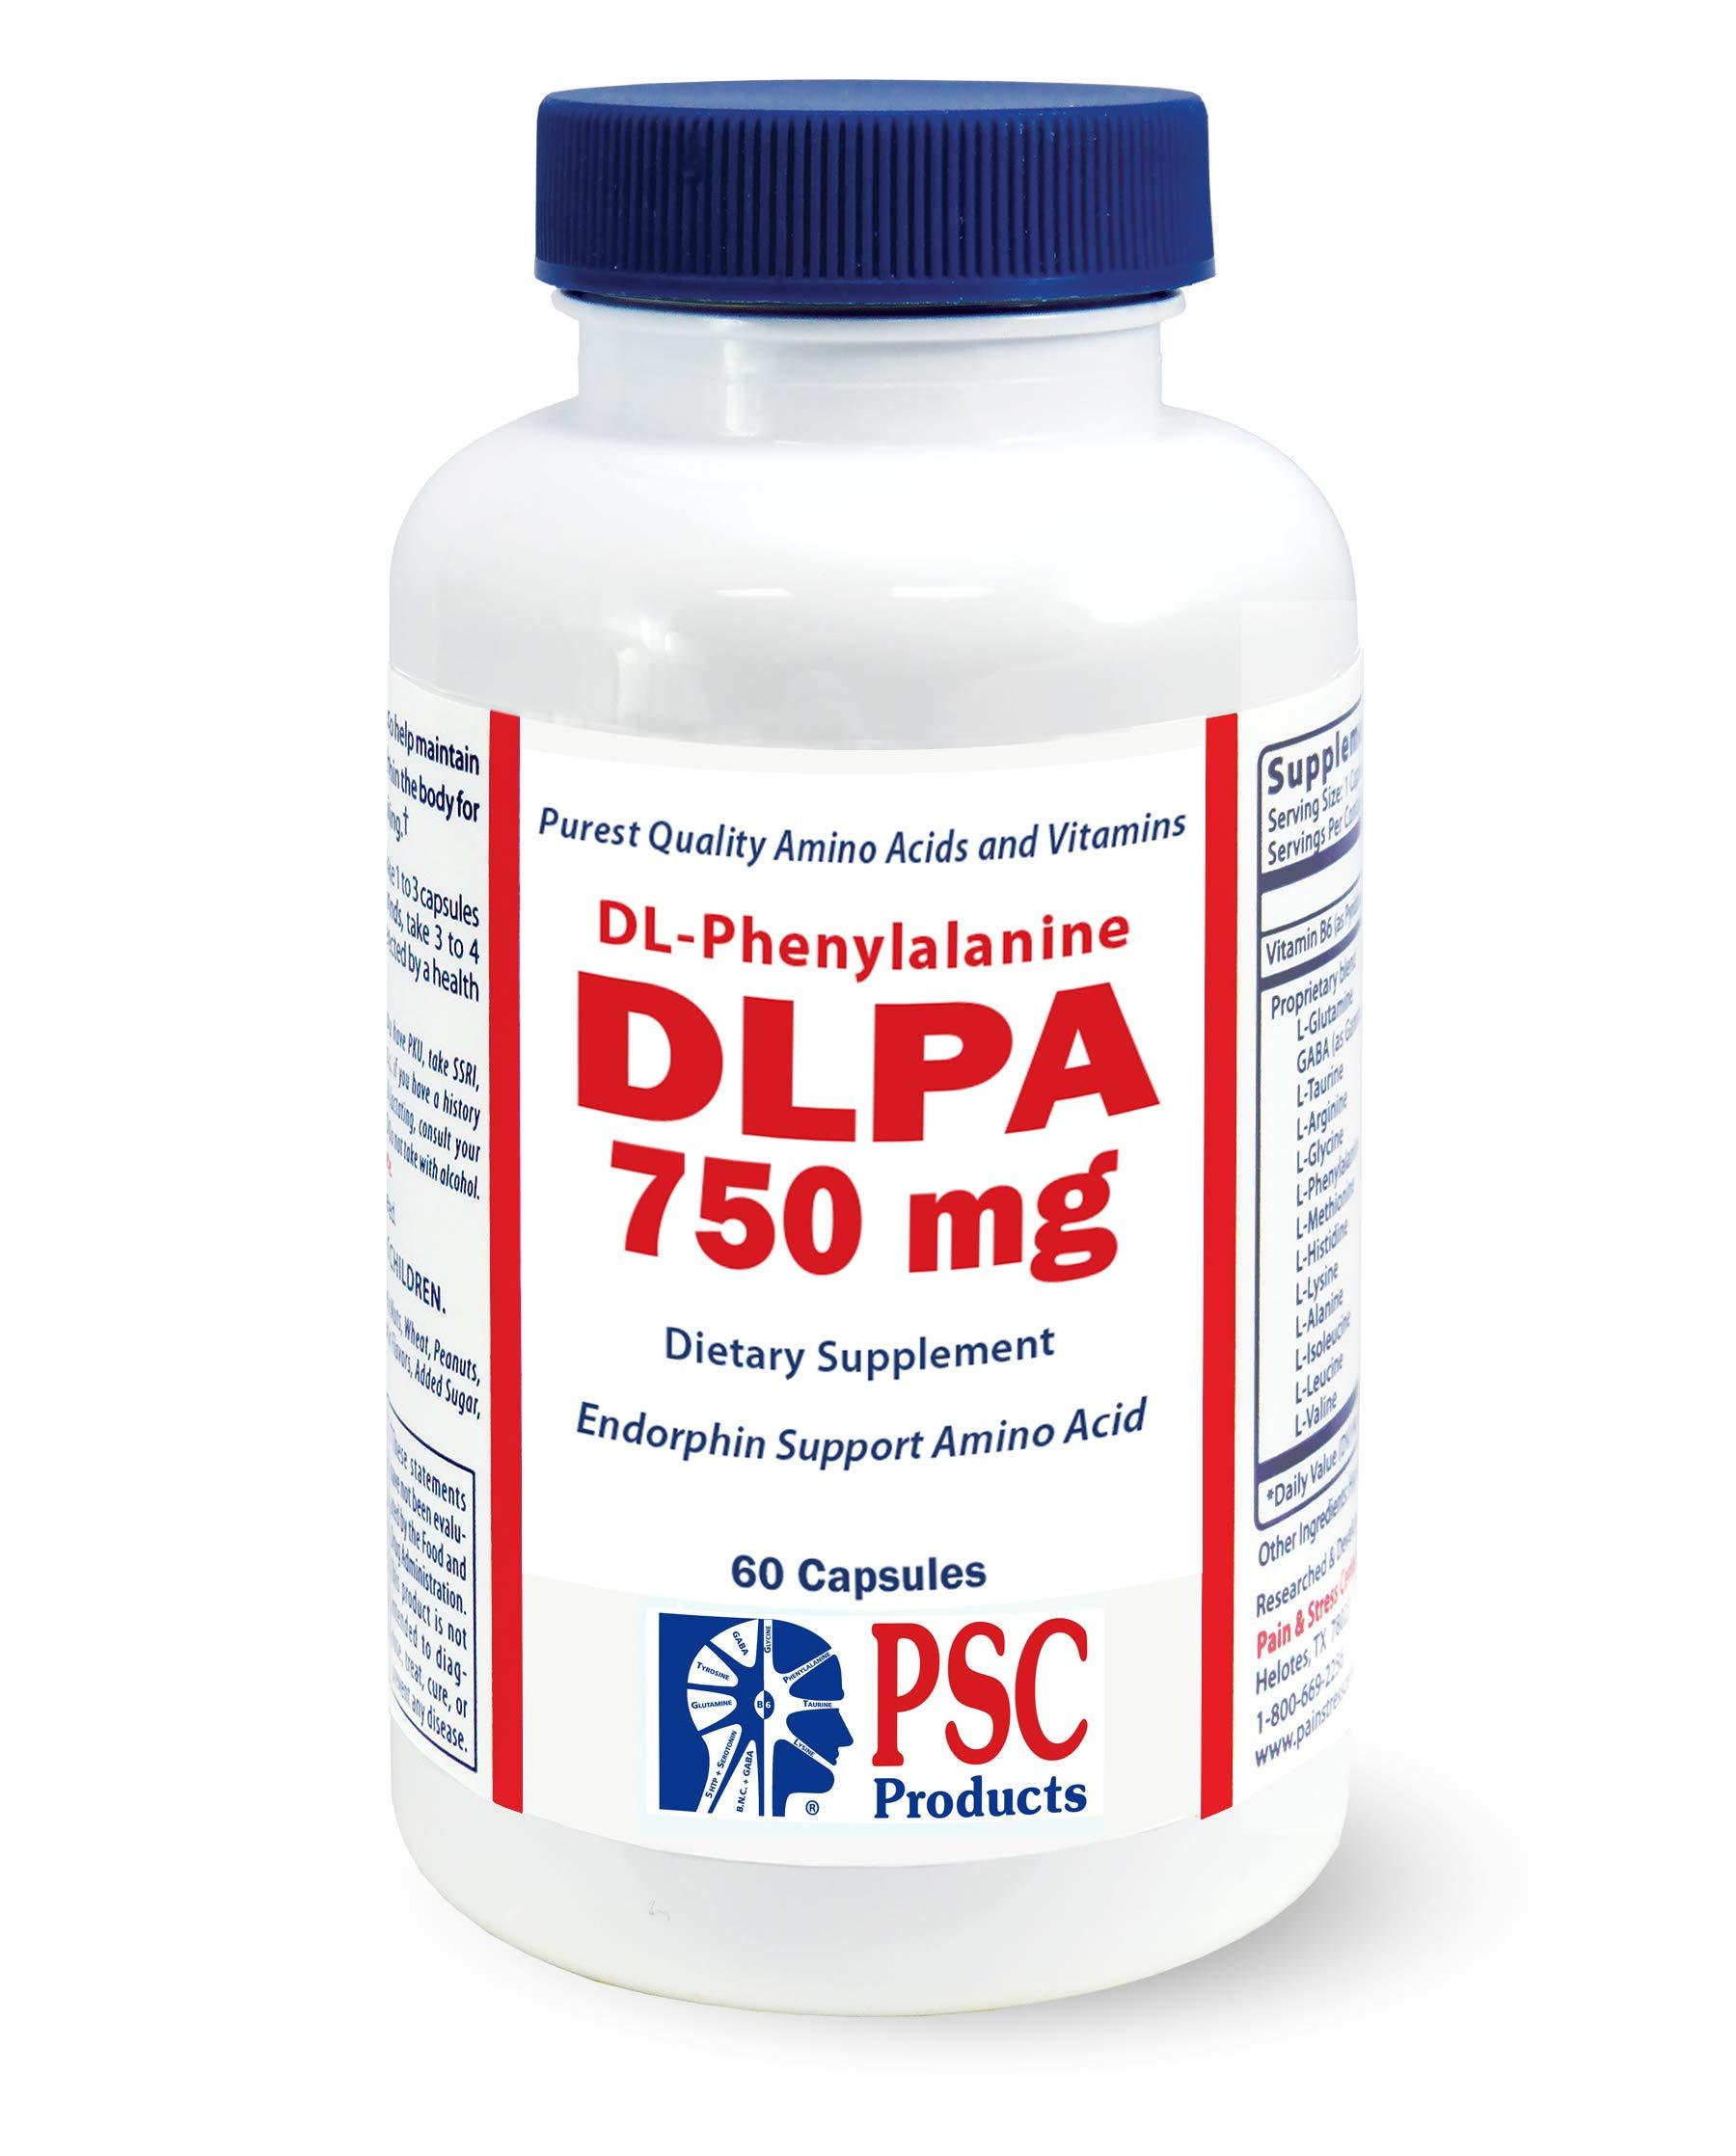 DL-Phenylalanine 750 Mg